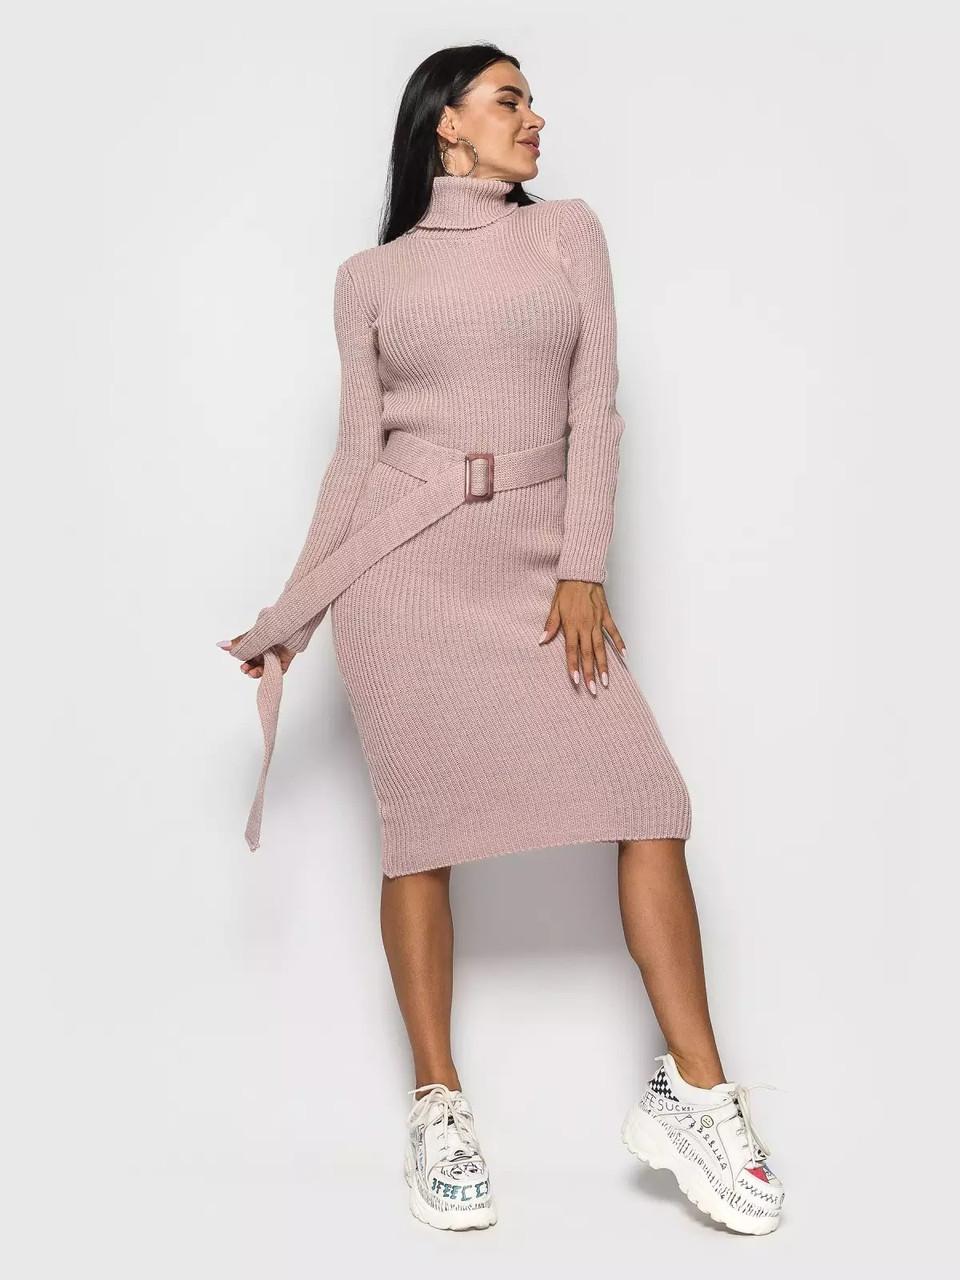 Модное вязаное платье с горлом и поясом 42-46 размер